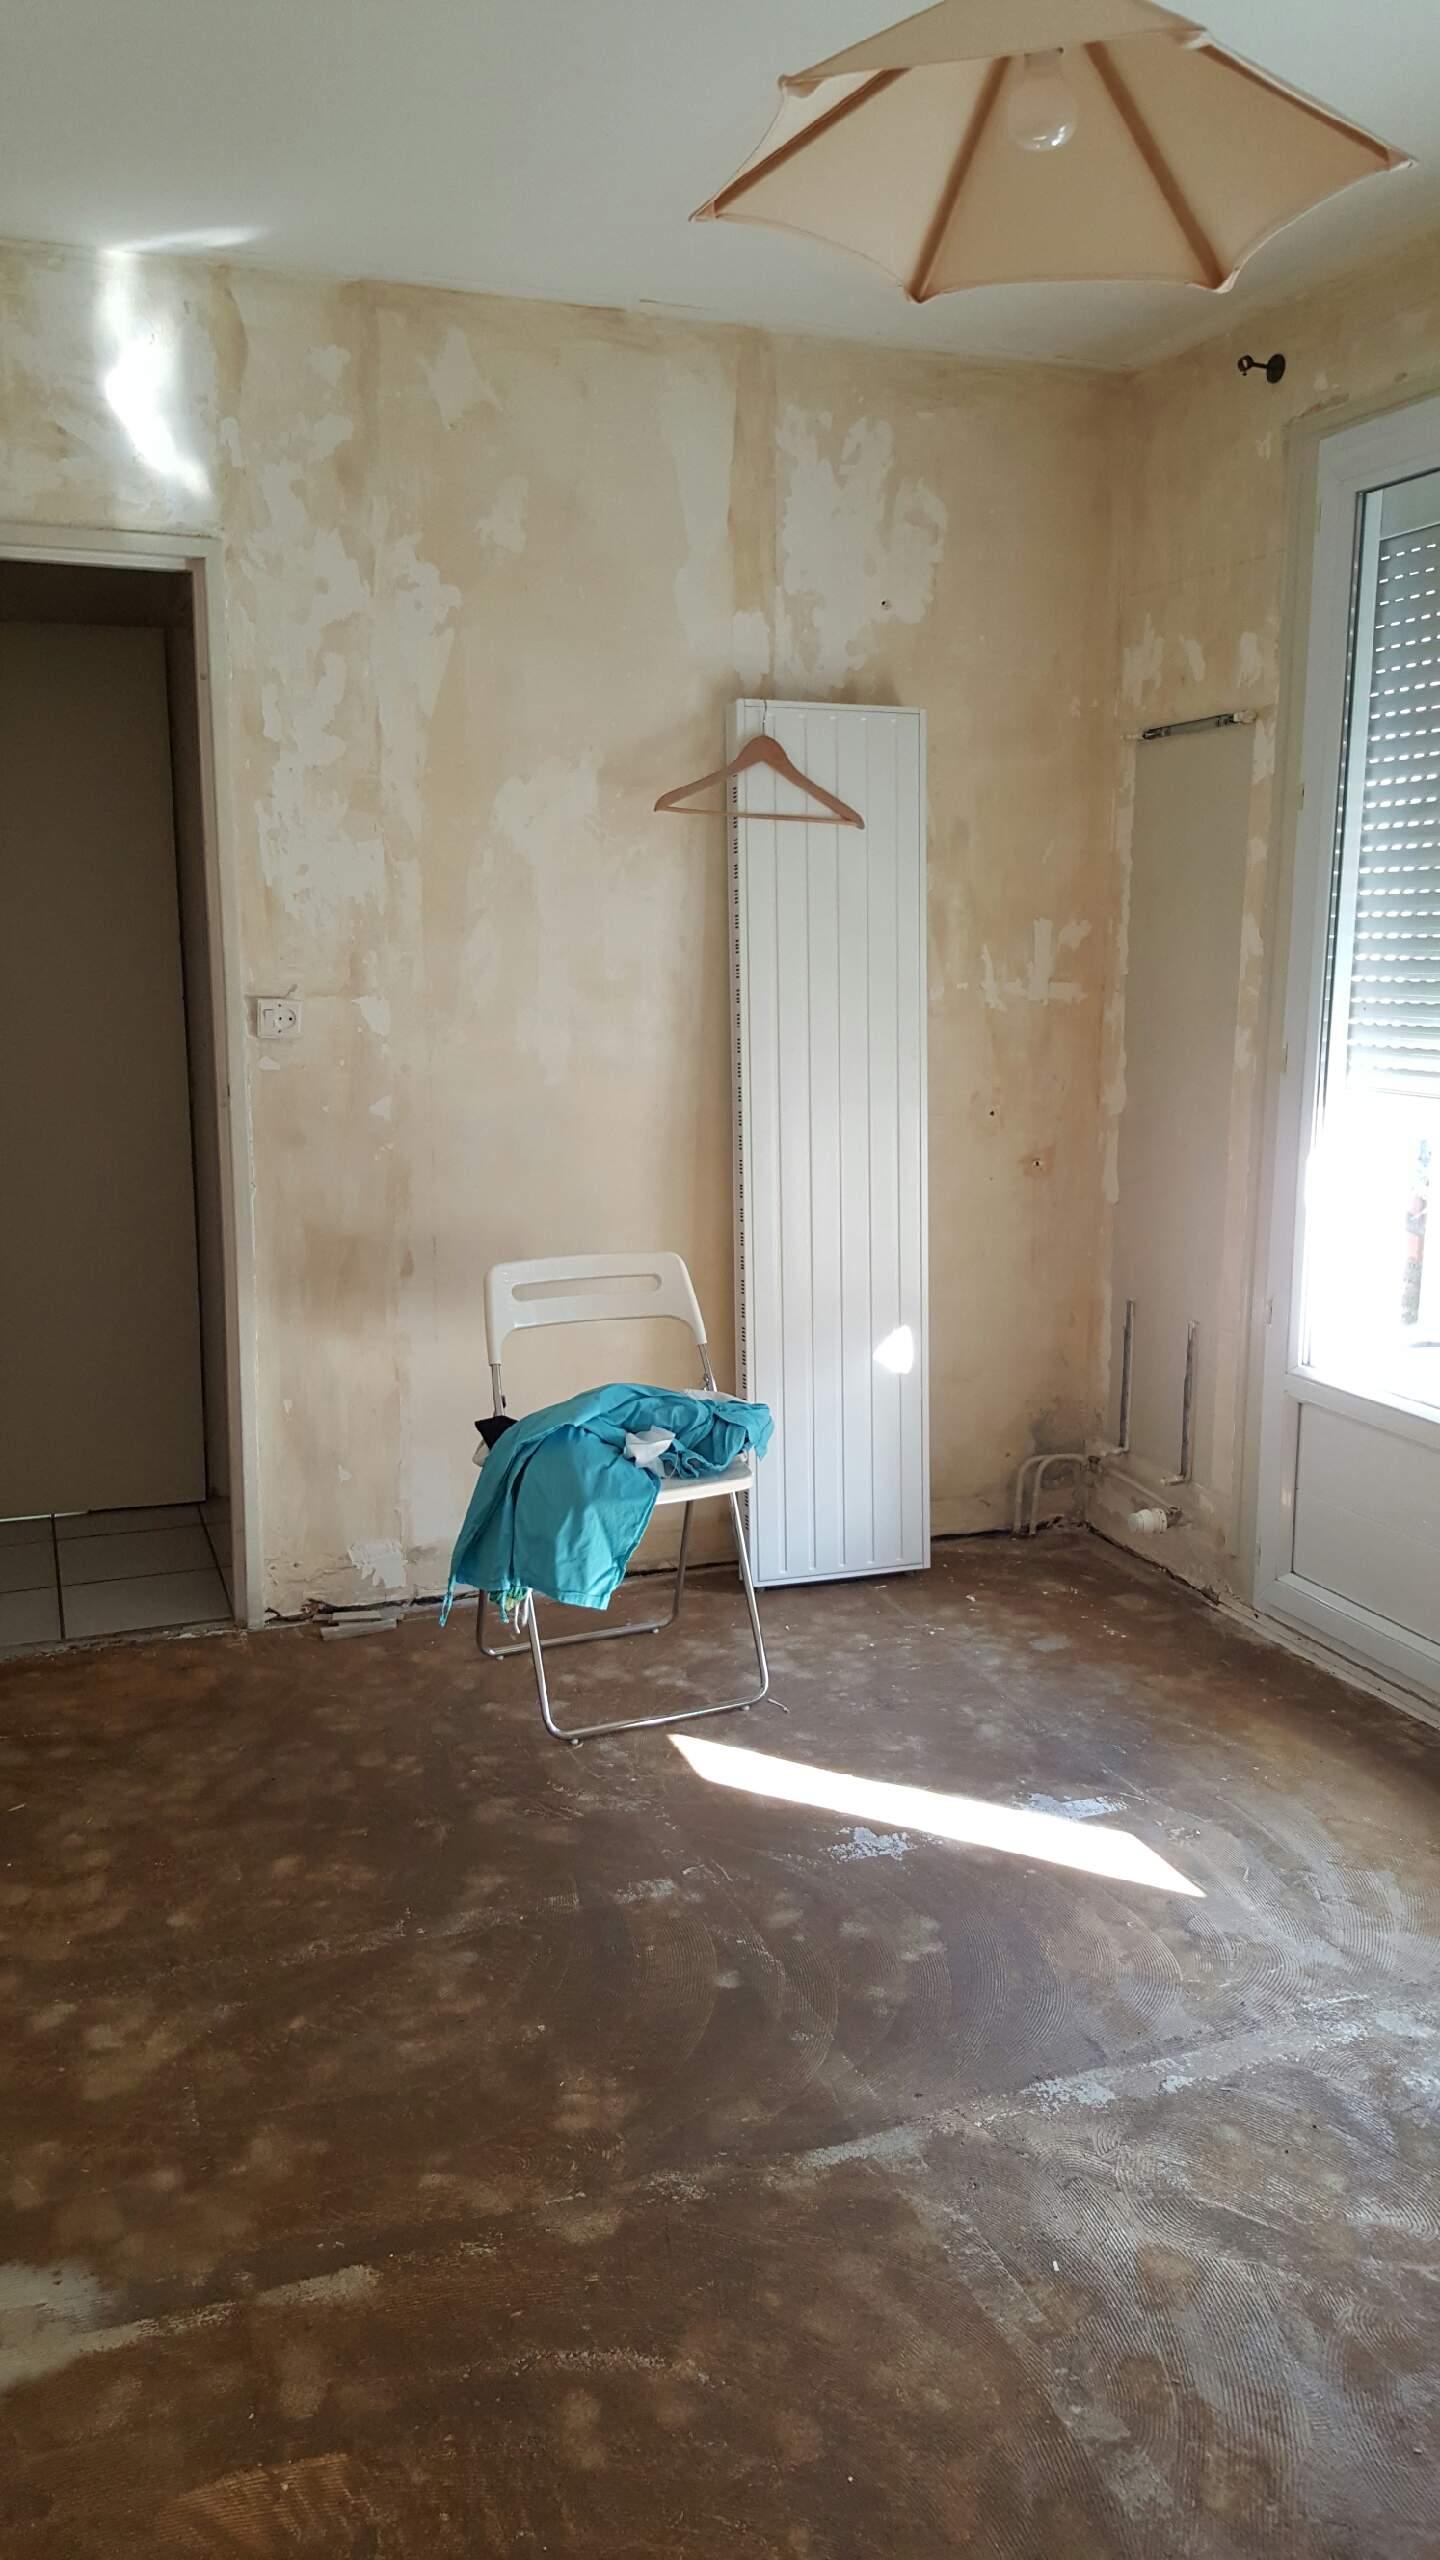 suivi de projet des ann es 70 au style scandinave home by marie. Black Bedroom Furniture Sets. Home Design Ideas